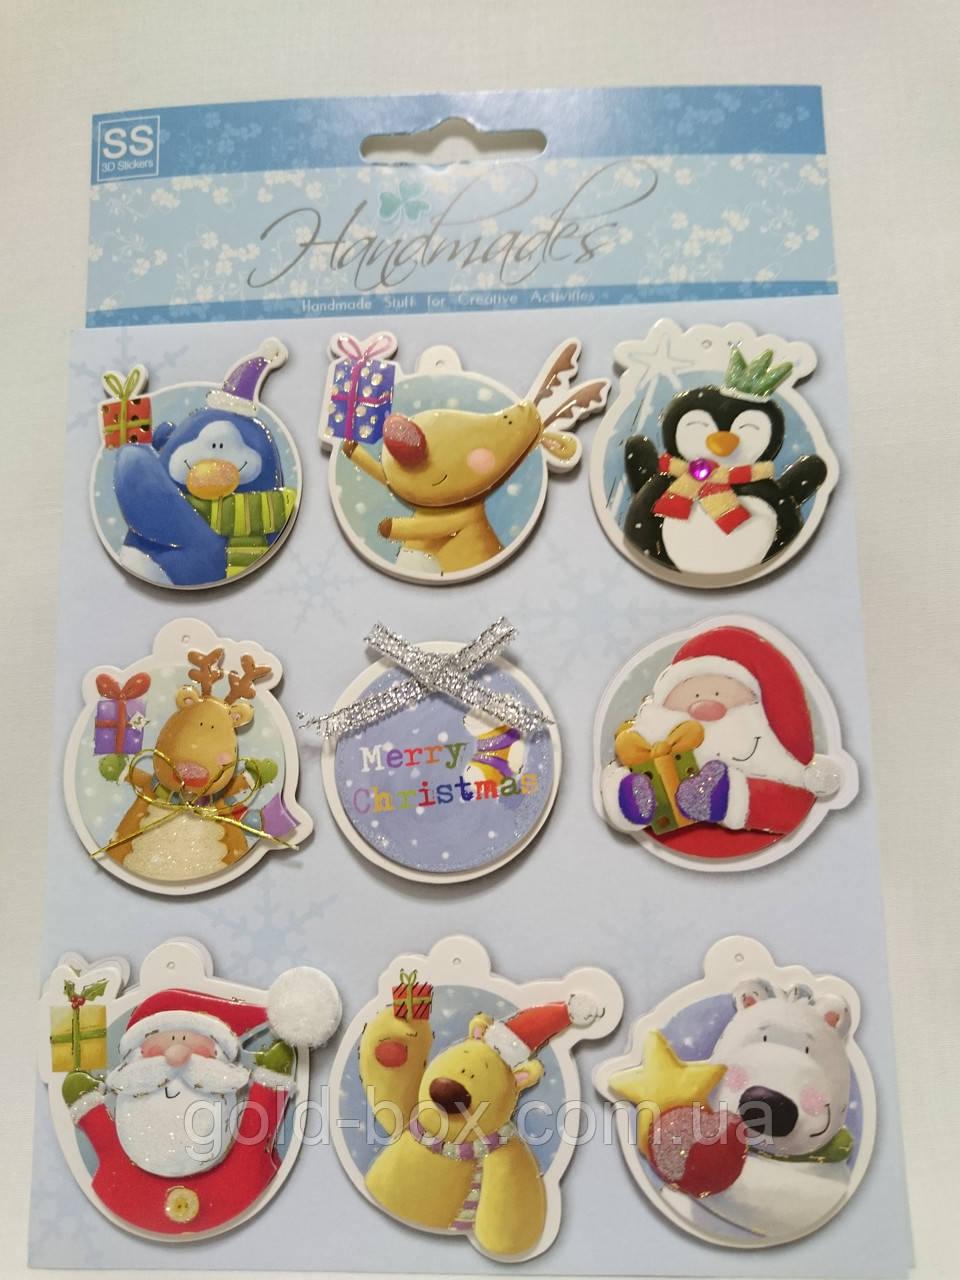 Наклейки для листівки 3D Stickers 6